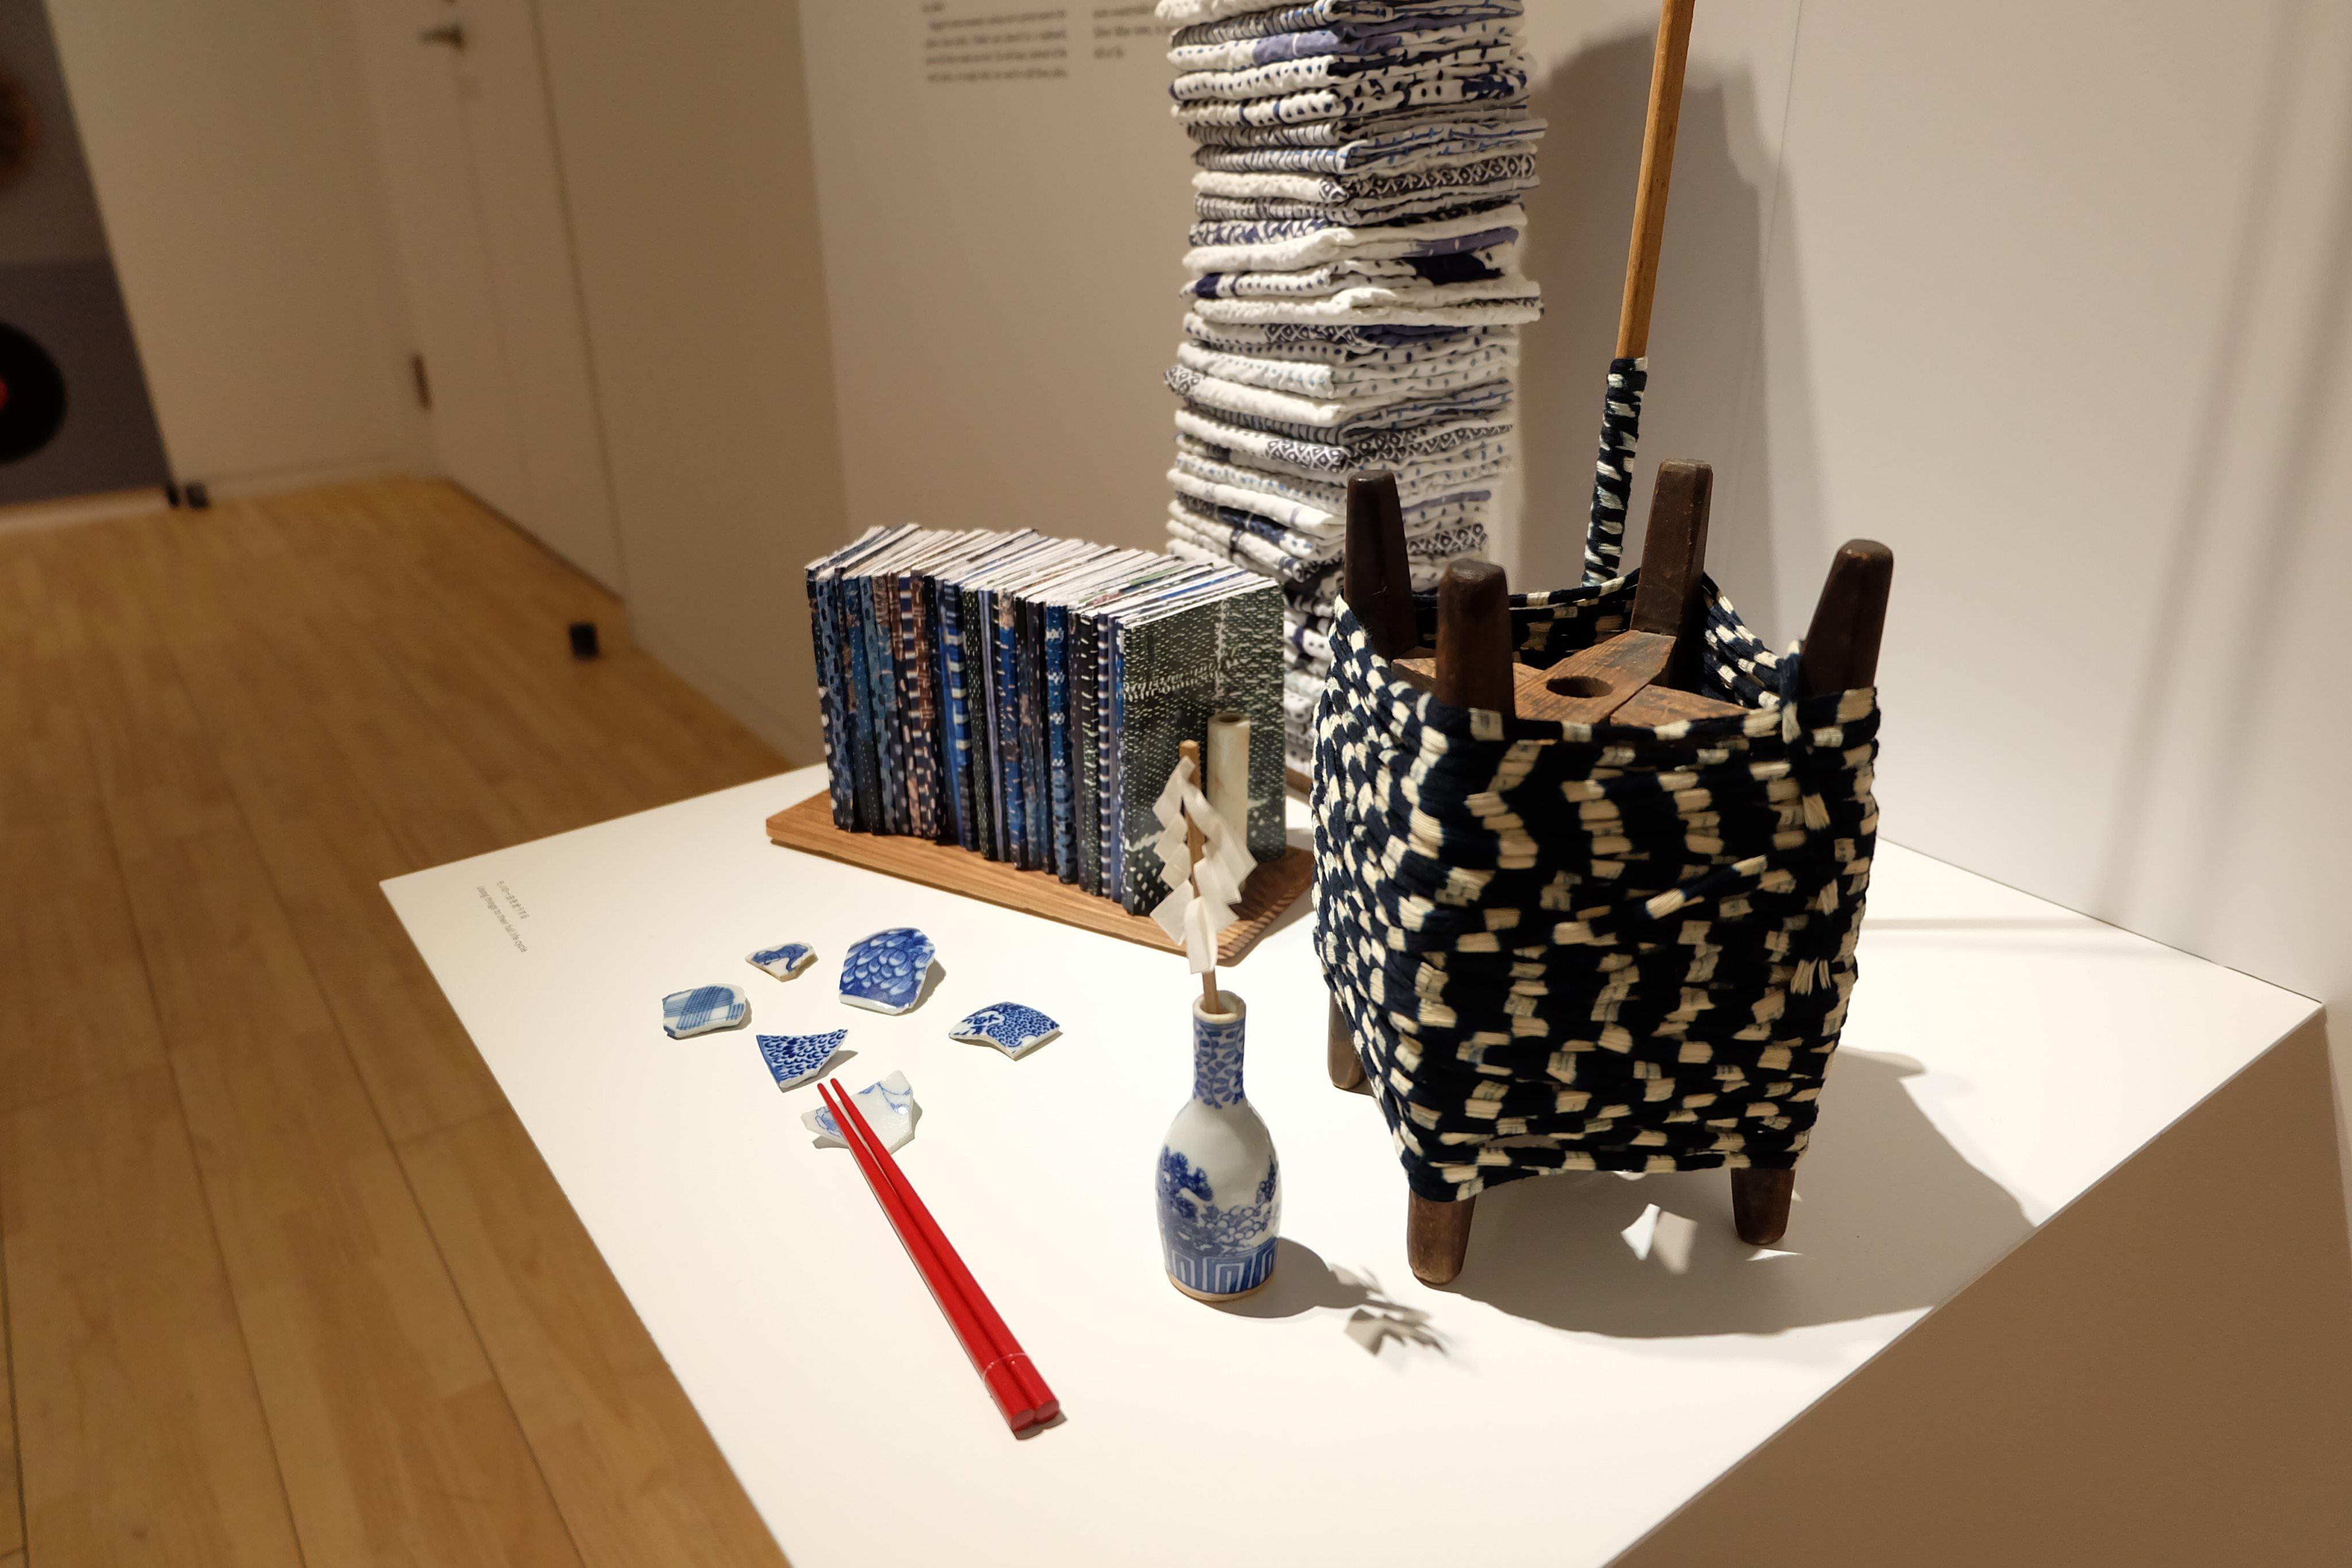 【お出かけルポ】「ケの美」展に行ってきました。当たり前の日常の中にある「美」とは。@銀座ポーラミュージアム